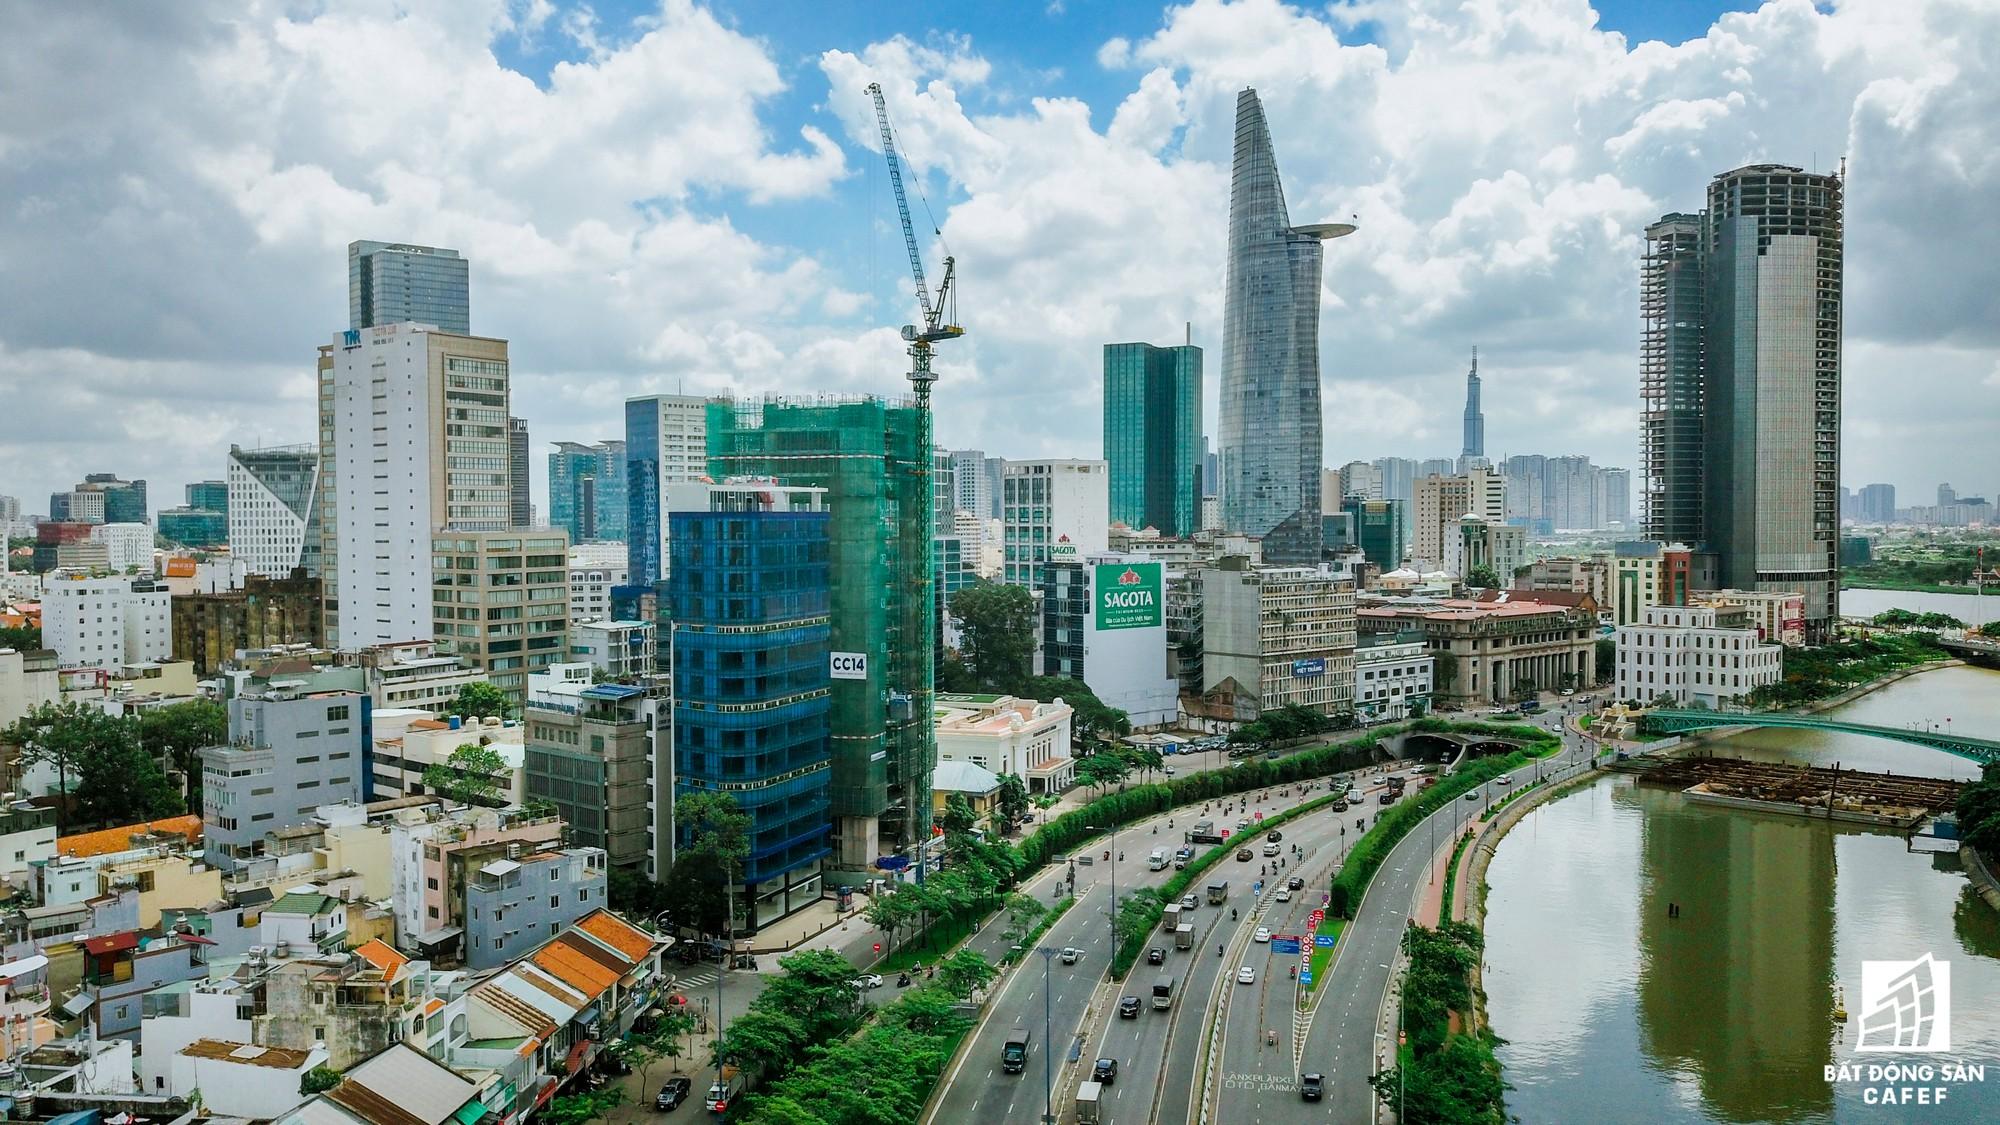 Khan hiếm nguồn cung, nhà đất Bến Vân Đồn Sài Gòn thiết lập mặt bằng giá mới - Ảnh 5.